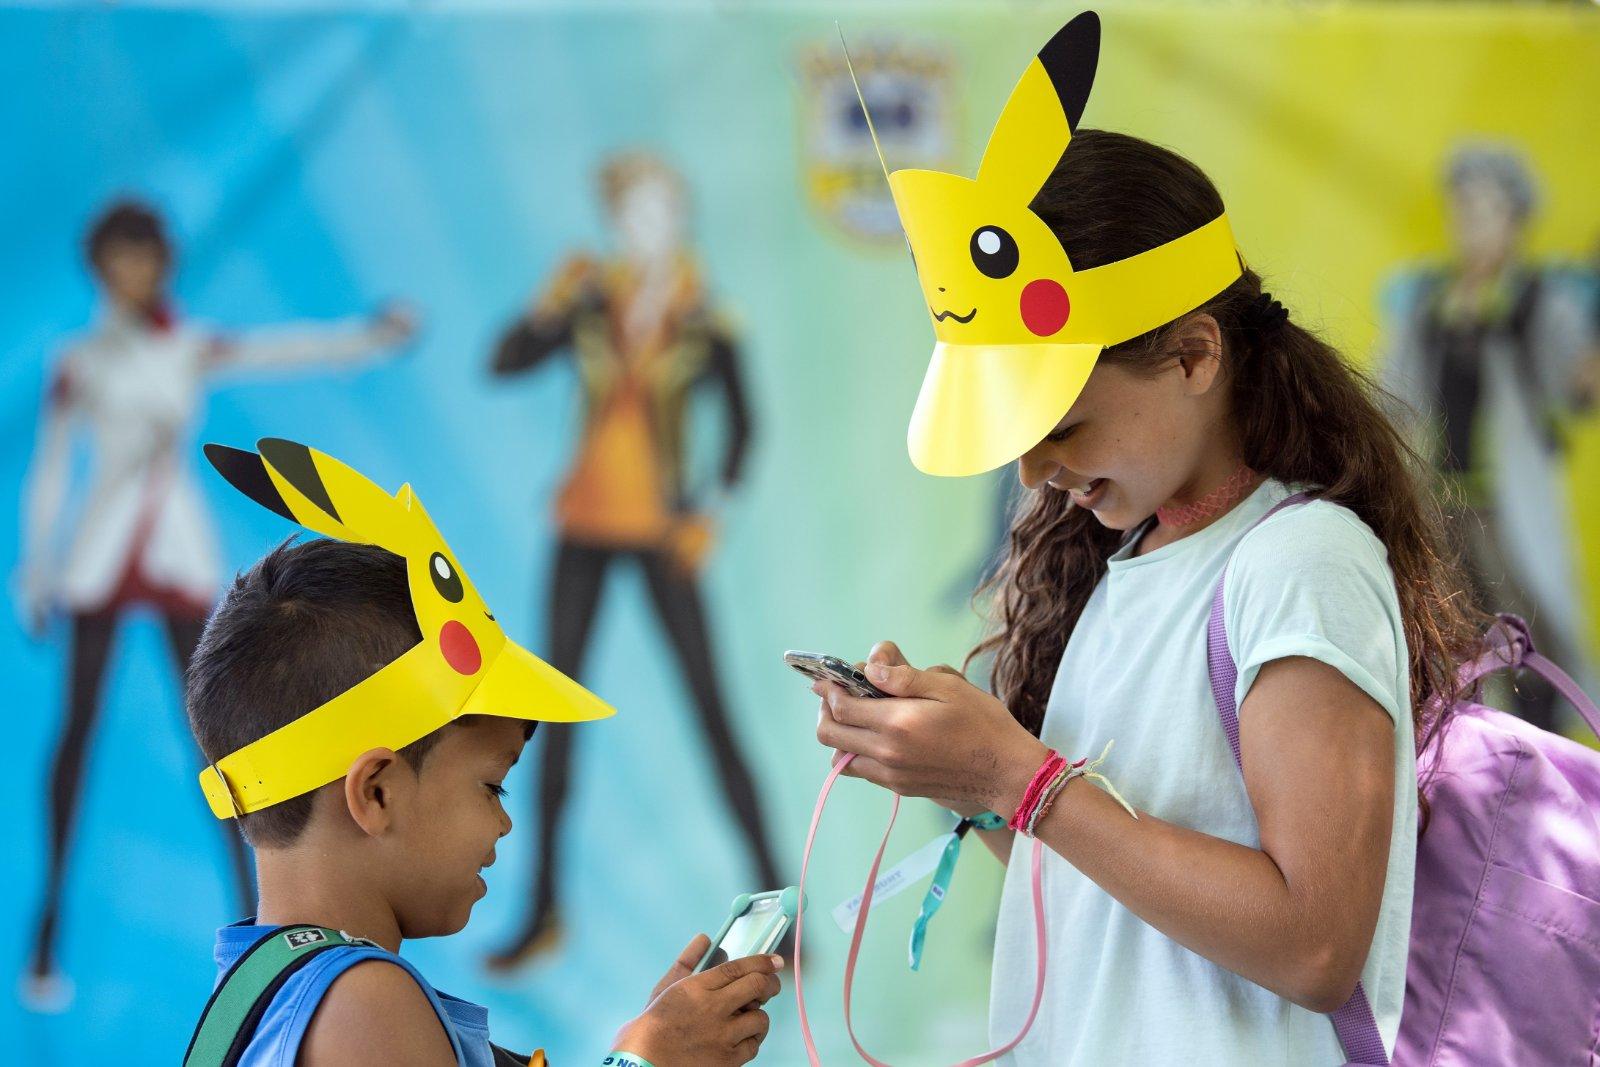 5 años después de su lanzamiento, Pokémon Go sigue generando cantidades increíbles de dinero